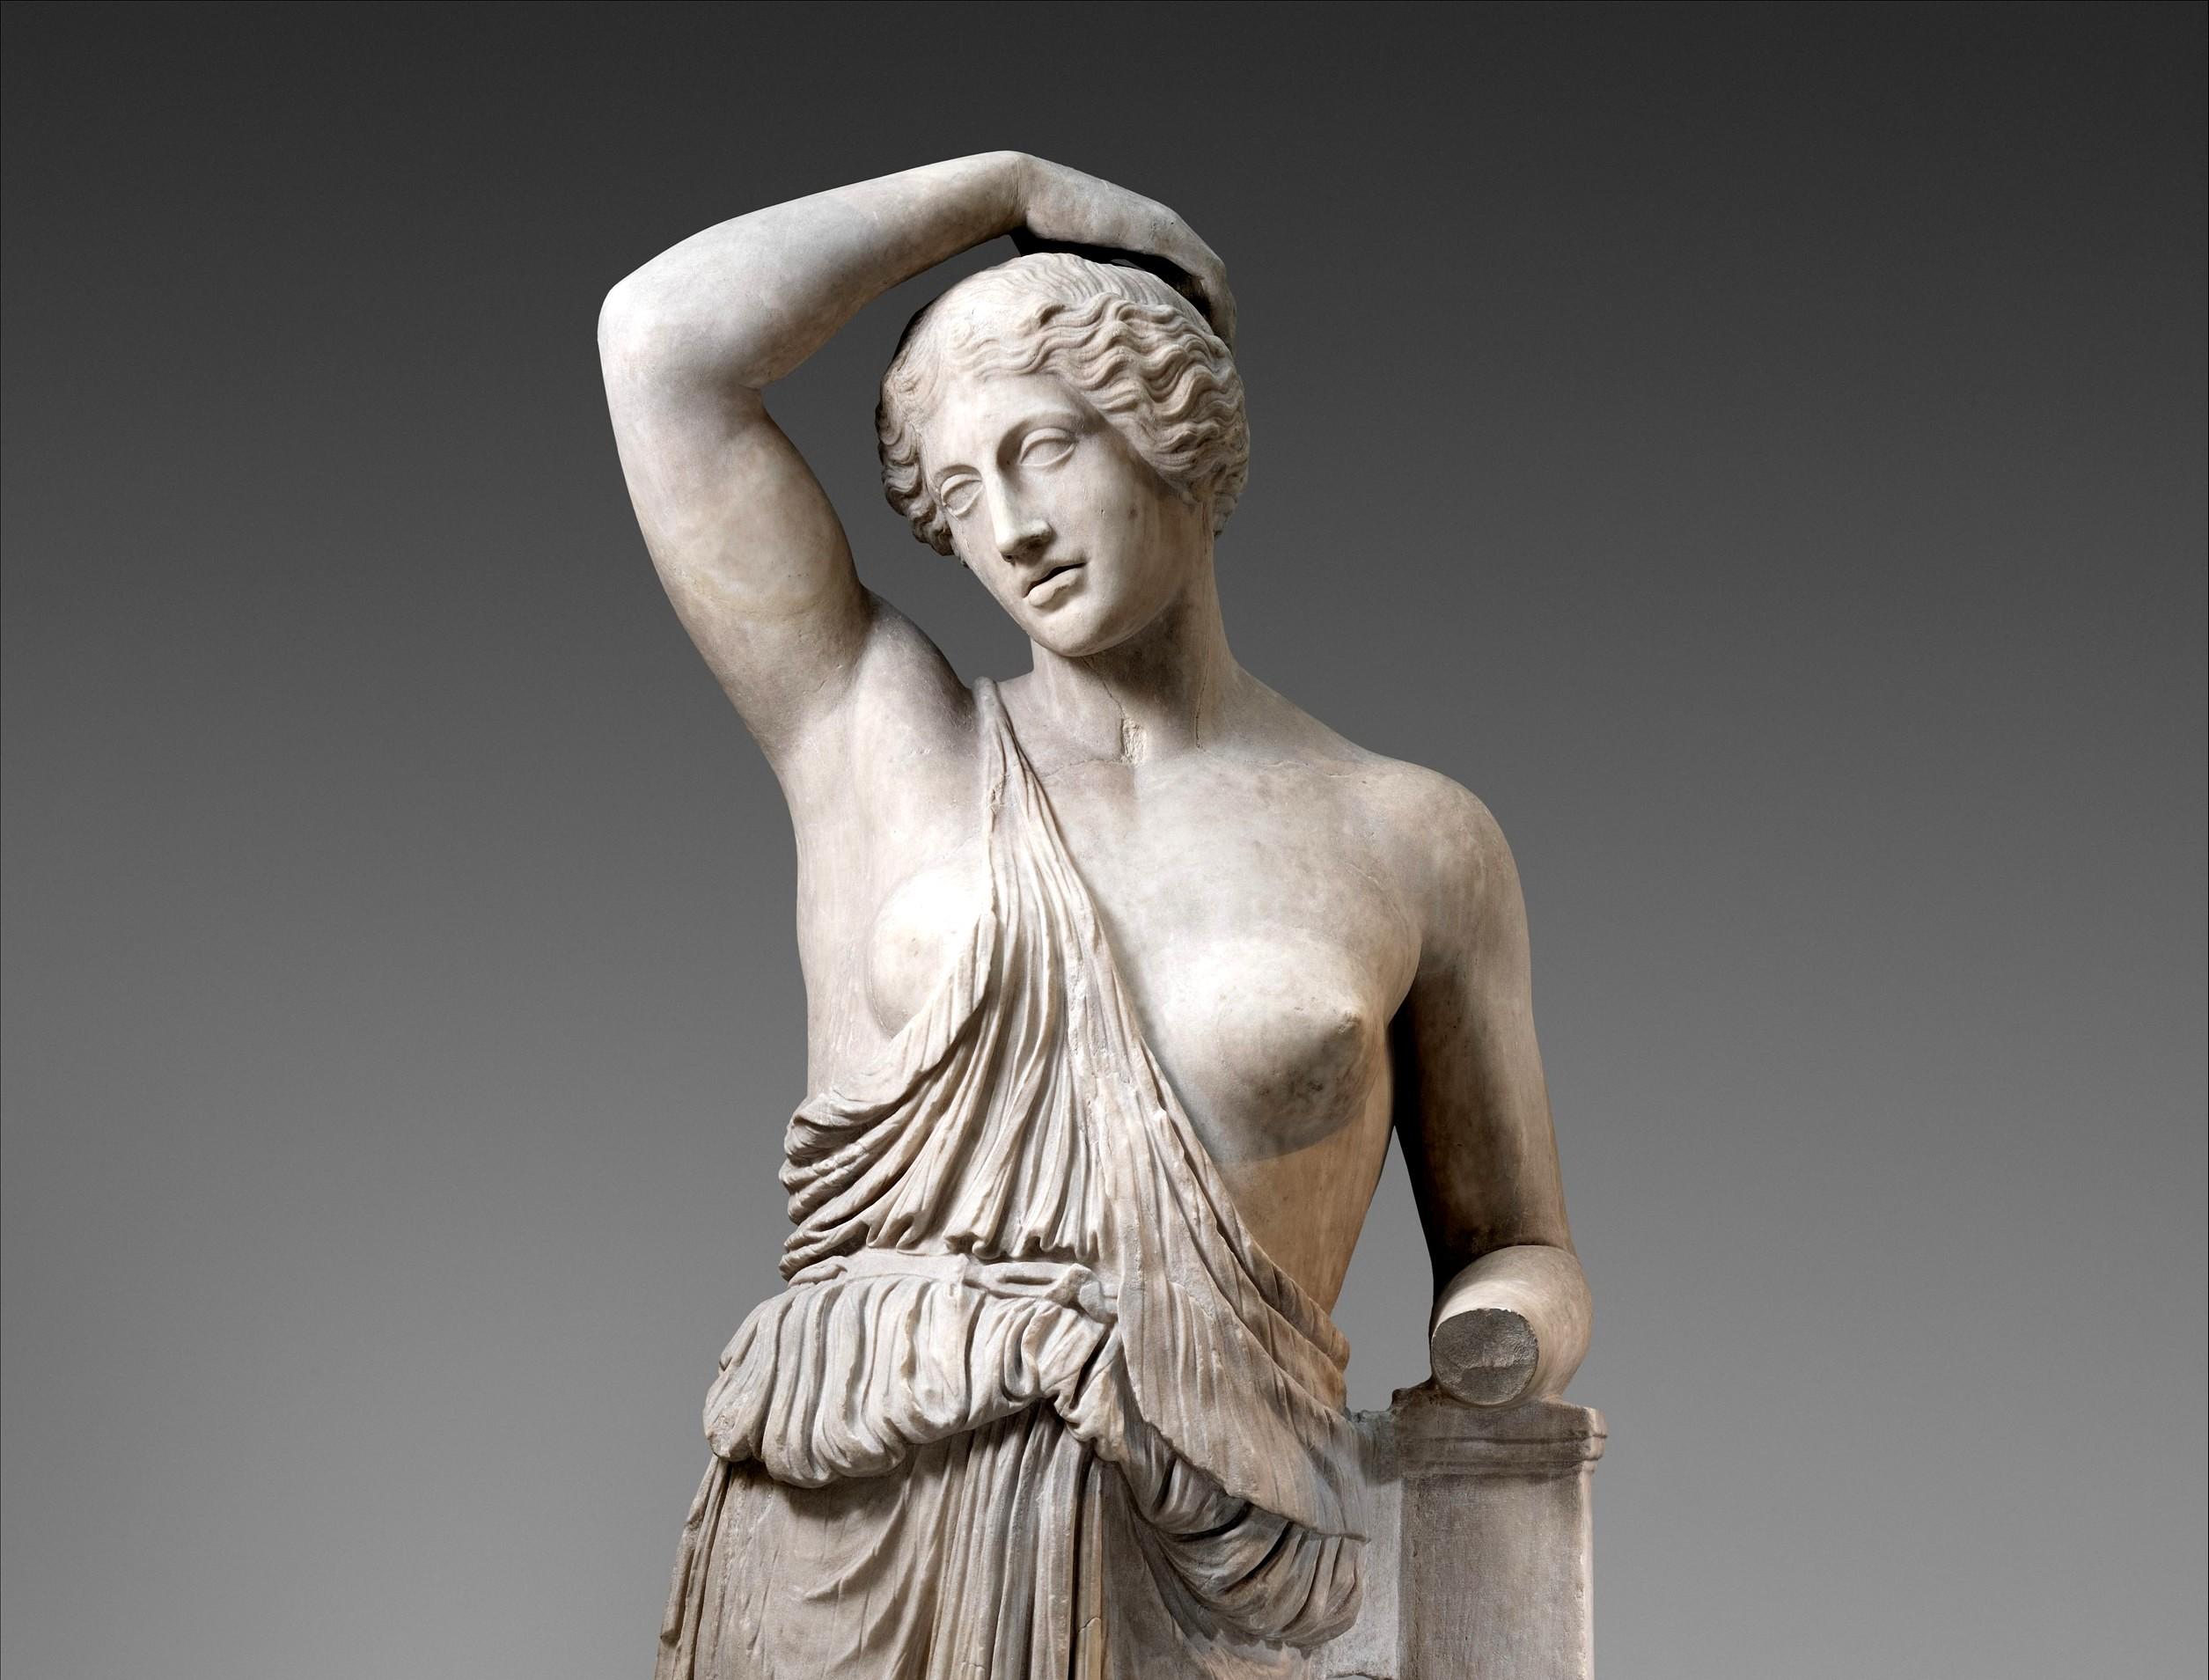 donna nell'arte greca